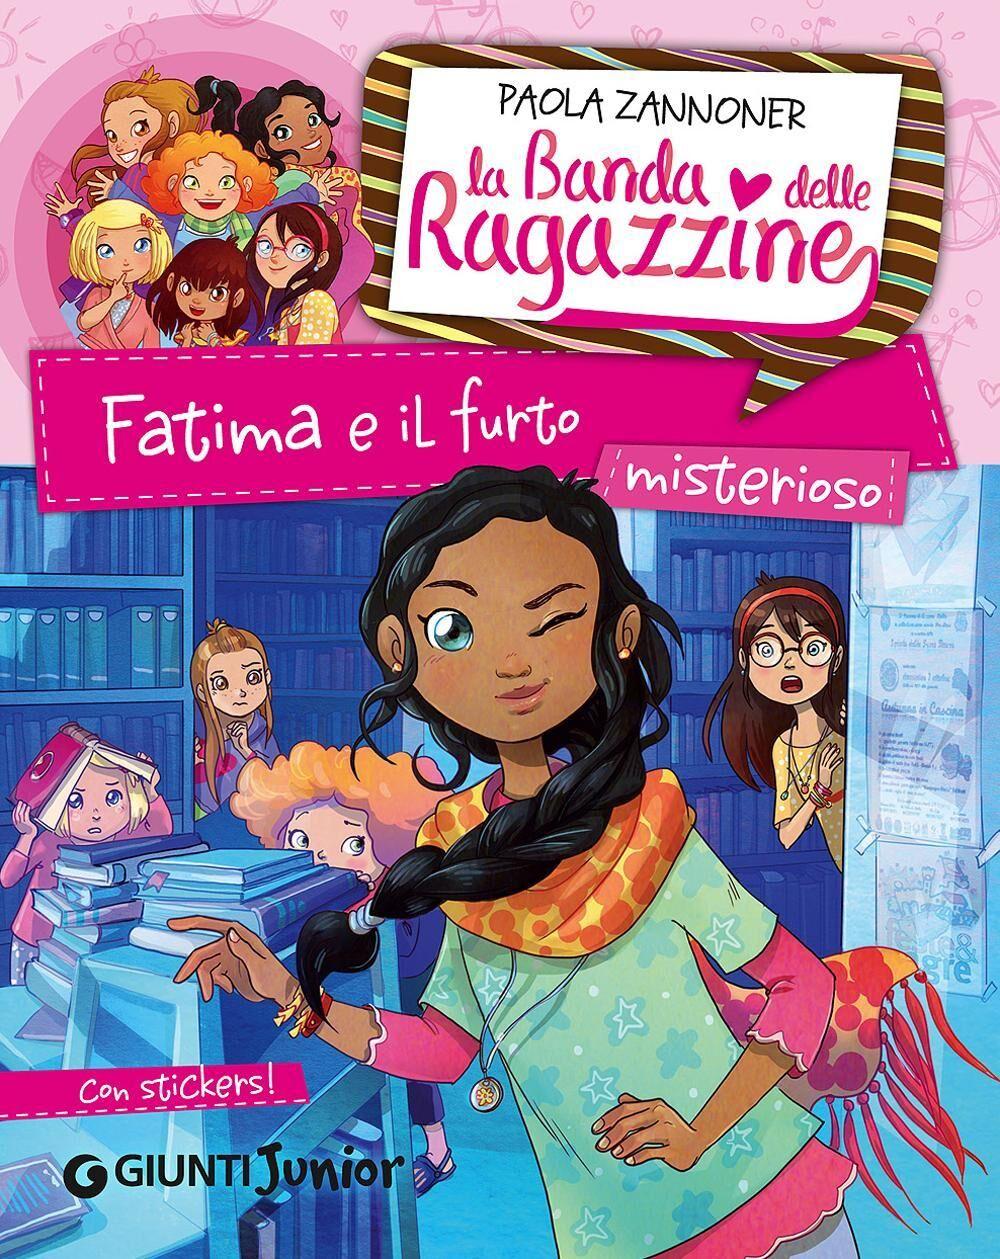 Fatima e il furto misterioso. La banda delle ragazzine. Con adesivi